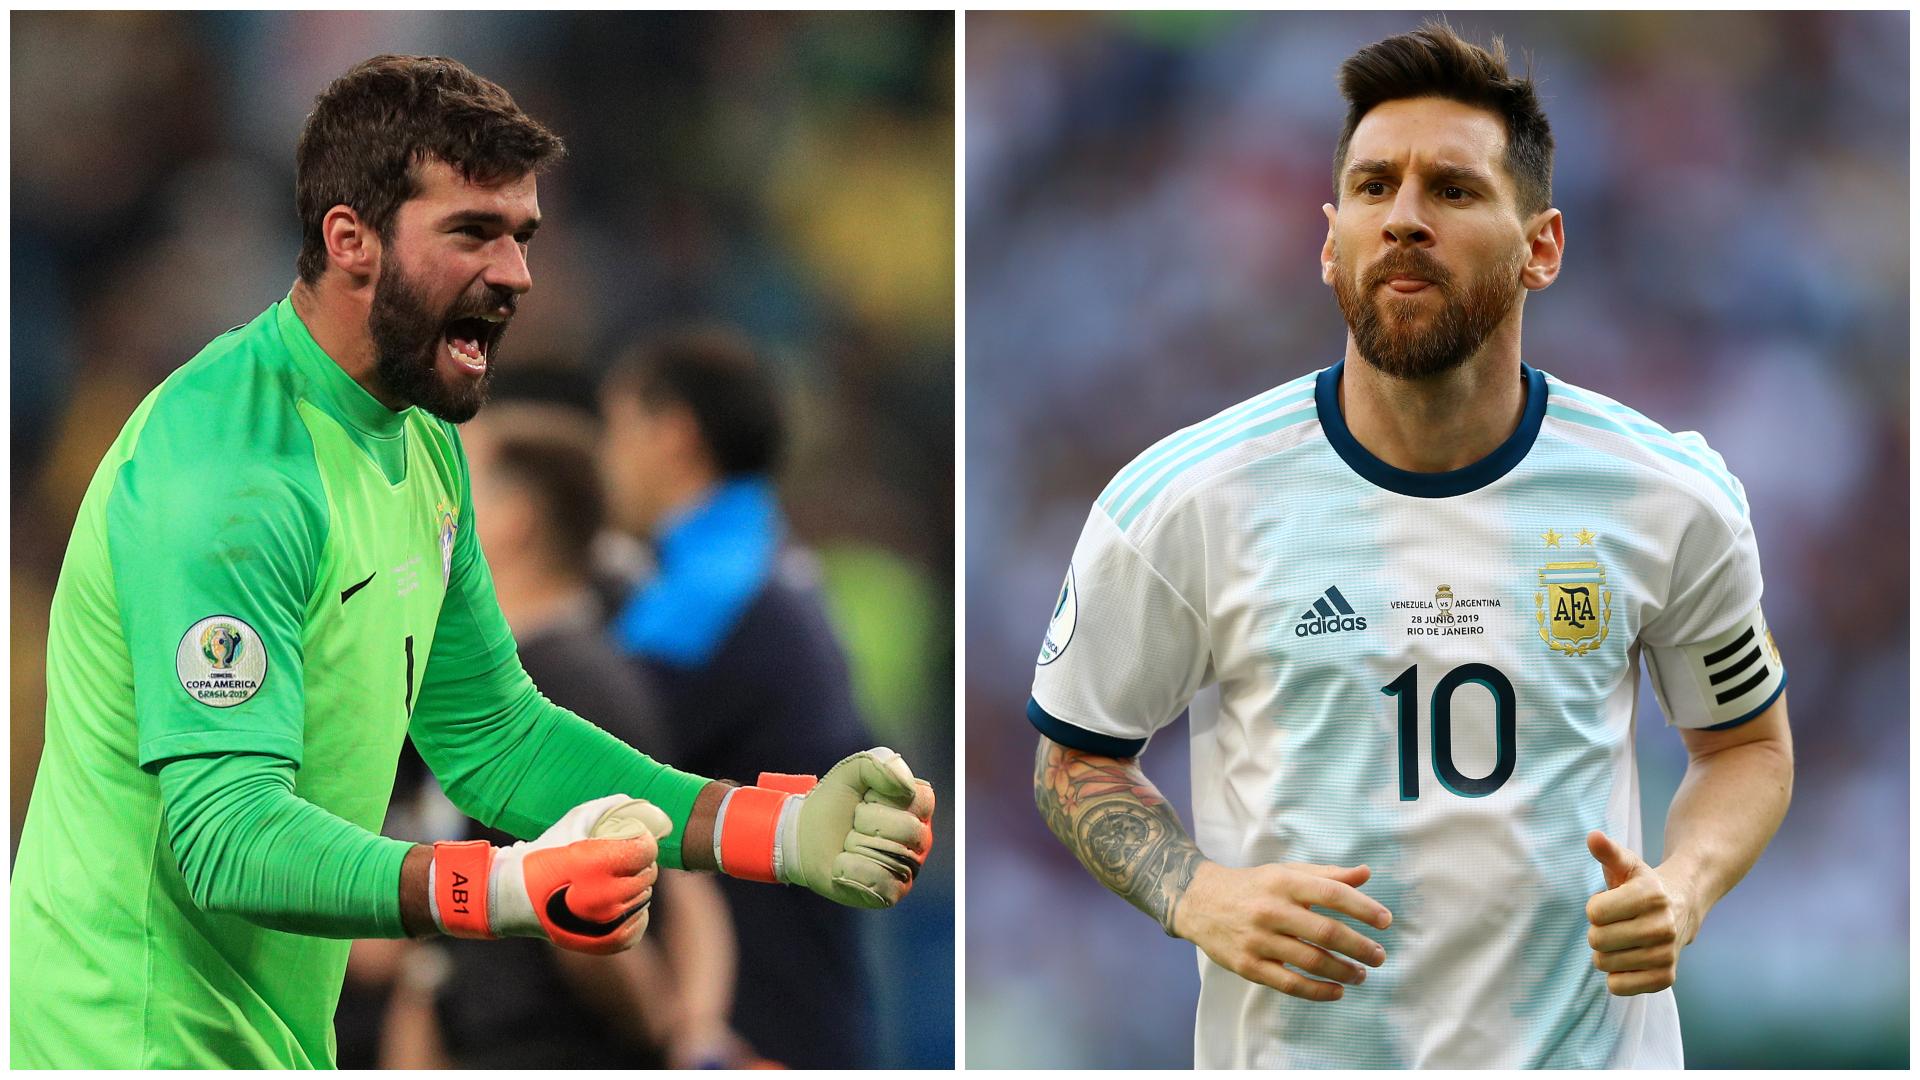 Brasile-Argentina, i verdeoro sfatano due tabù e volano in finale